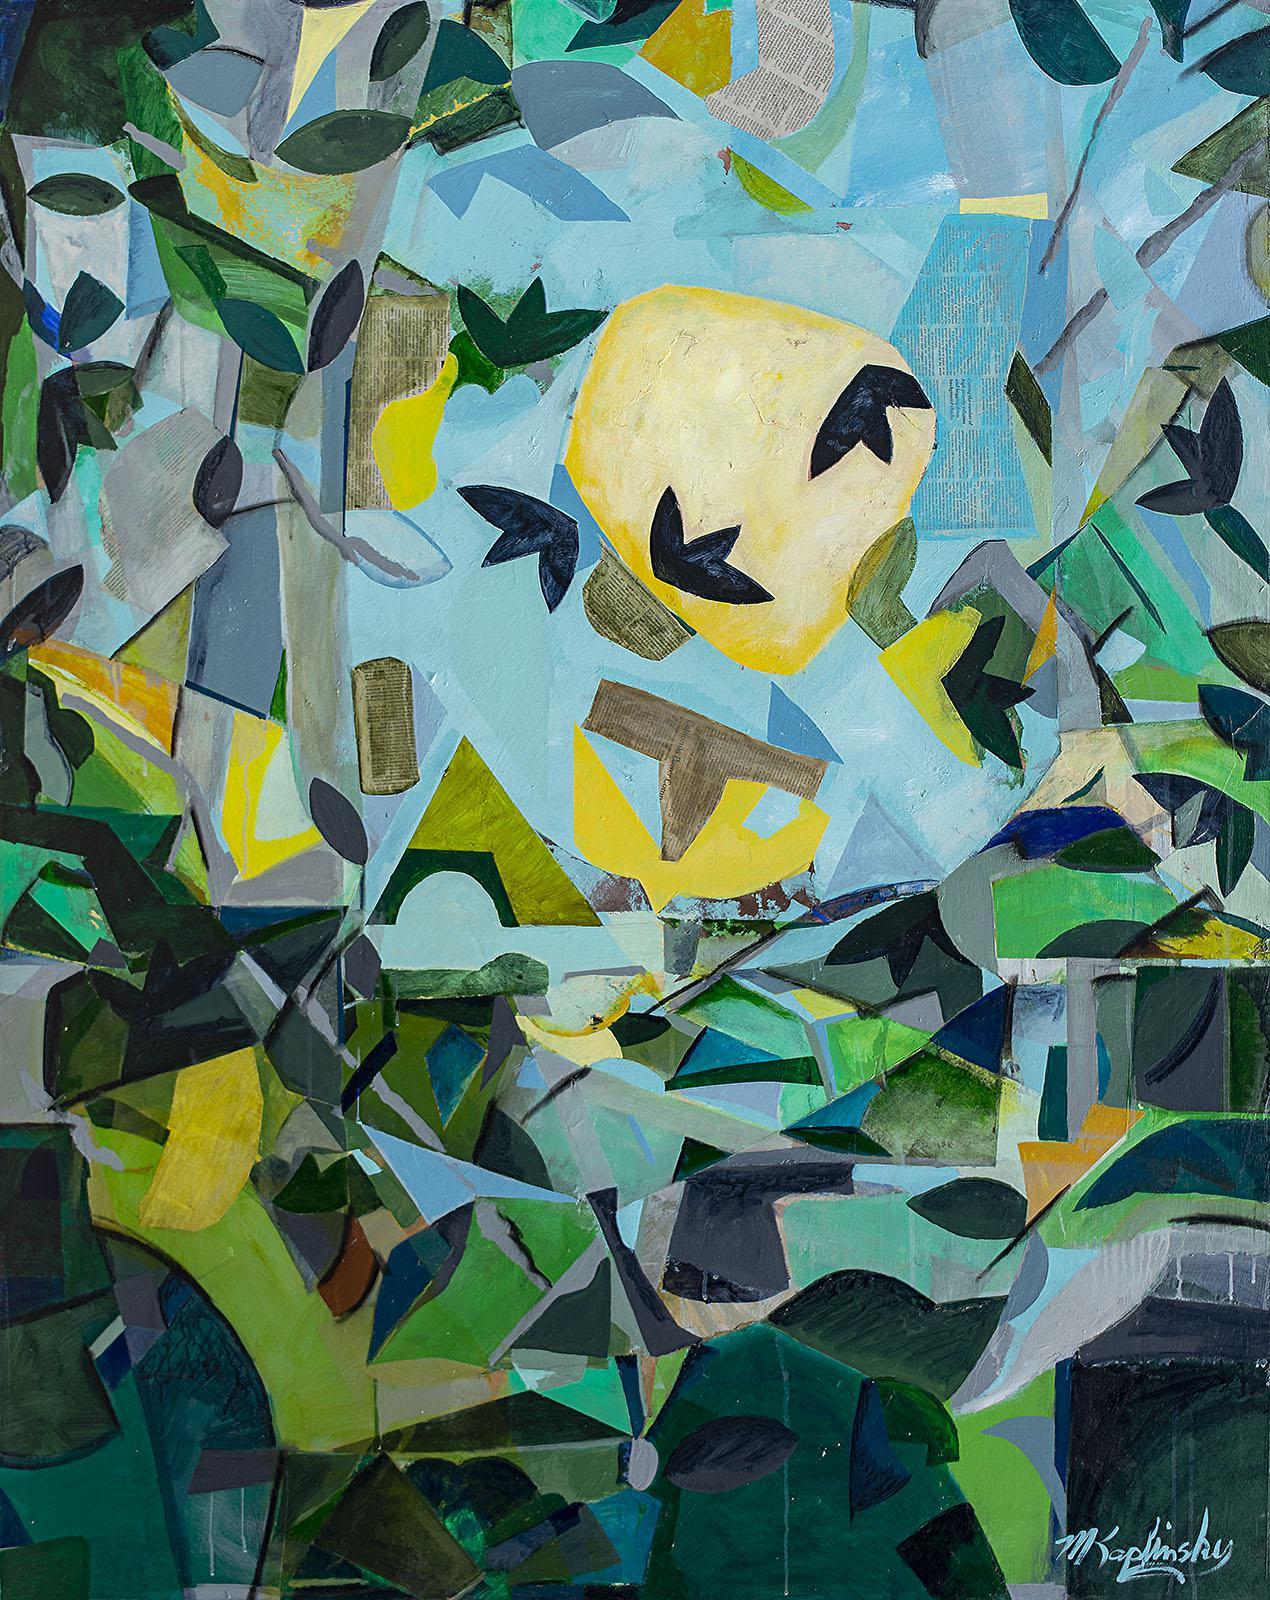 reverie _60x48 _paint and paper on canvas _ by matt kaplinsky _web.jpg